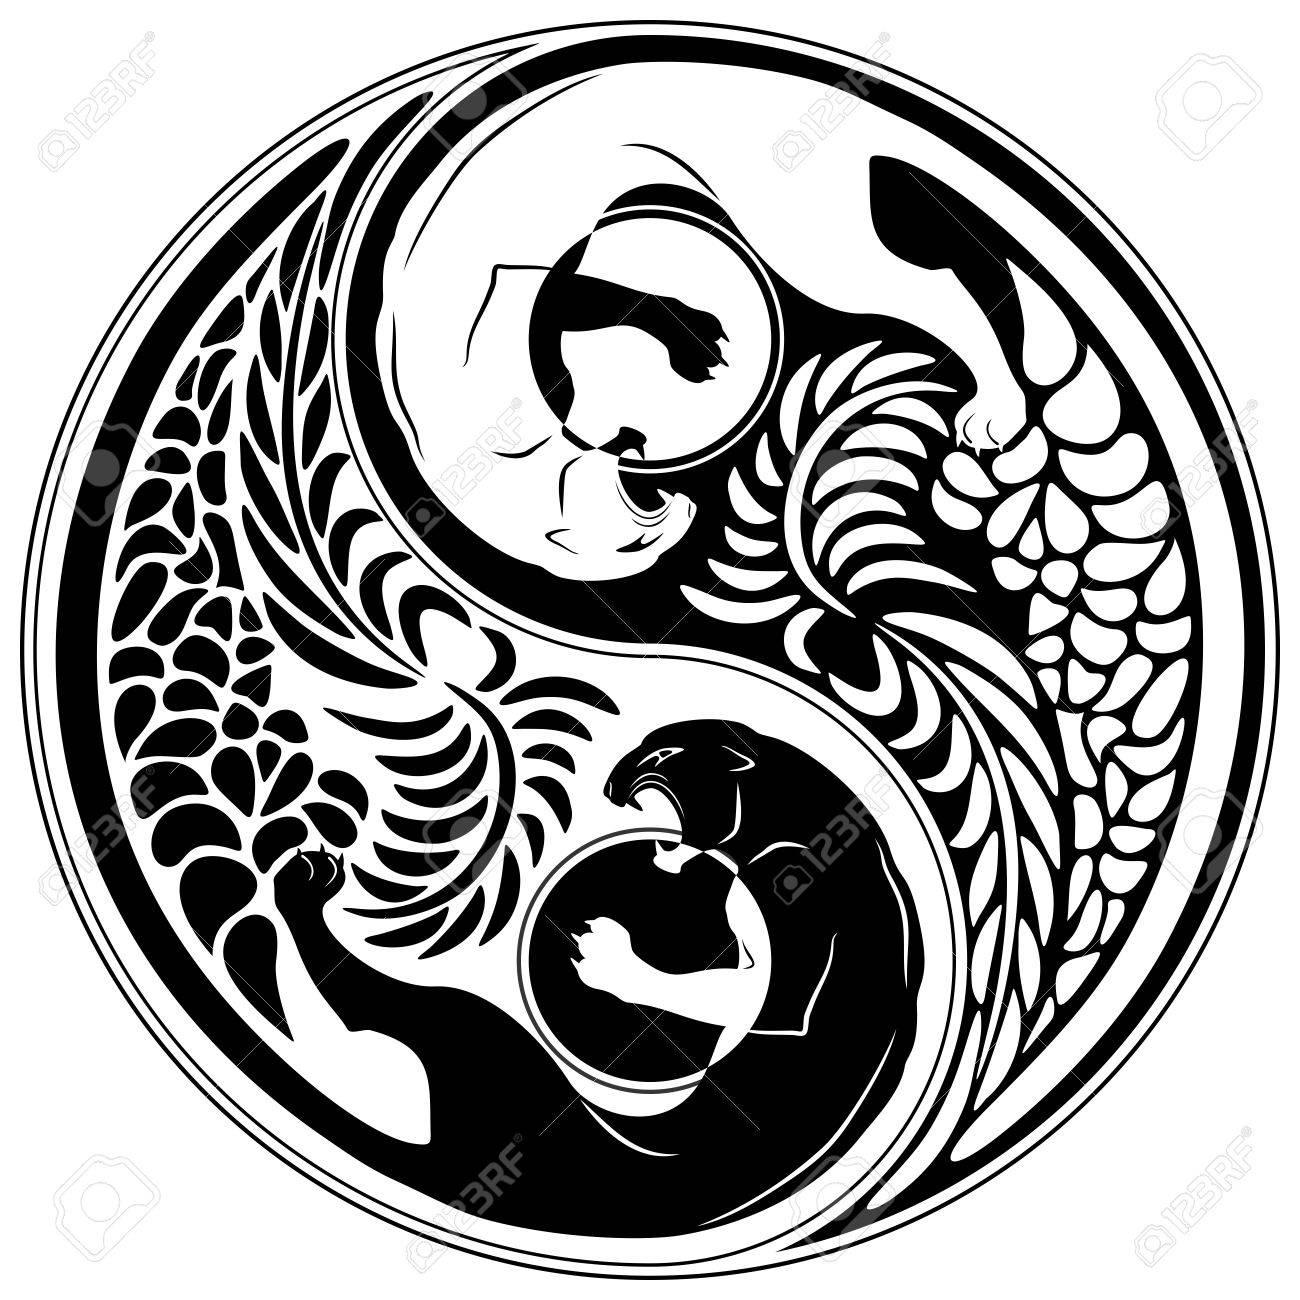 yin yang wild cat